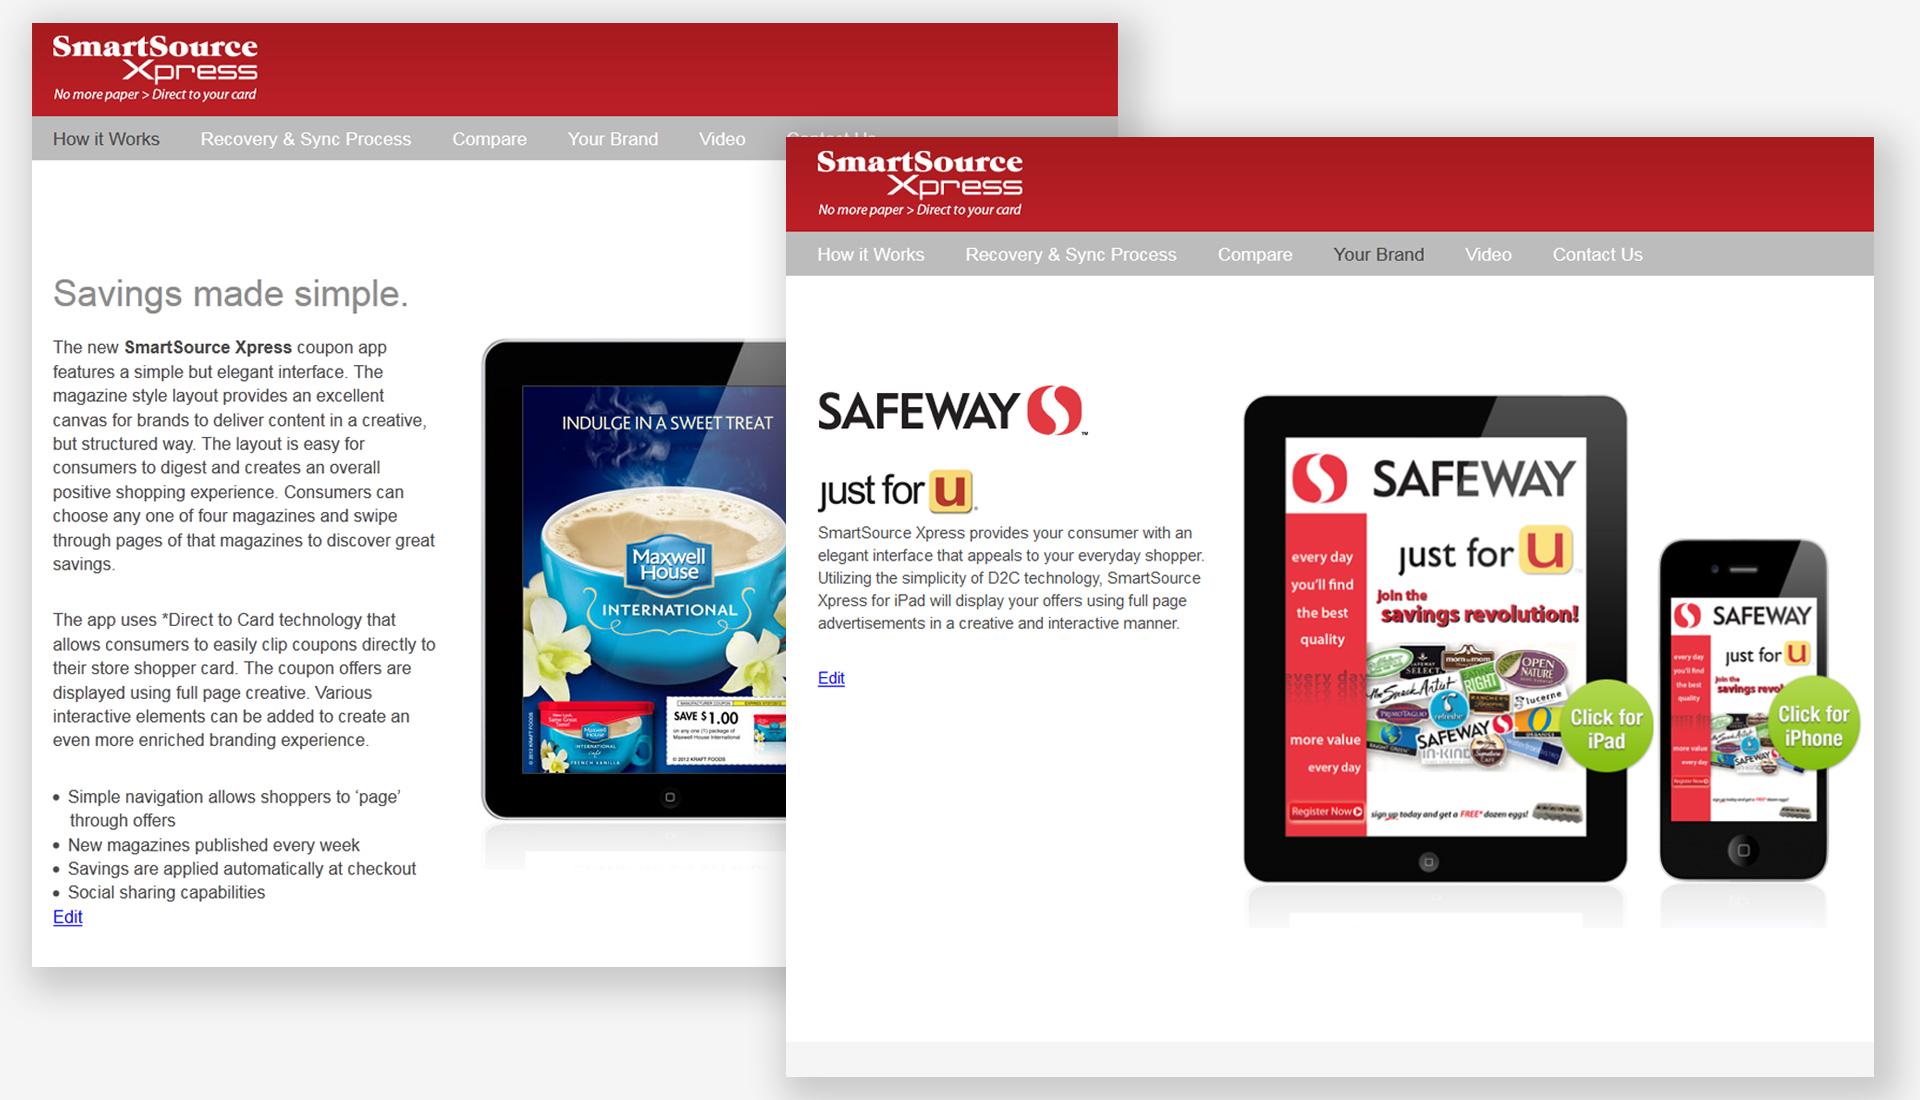 ssx-safeway-microsite